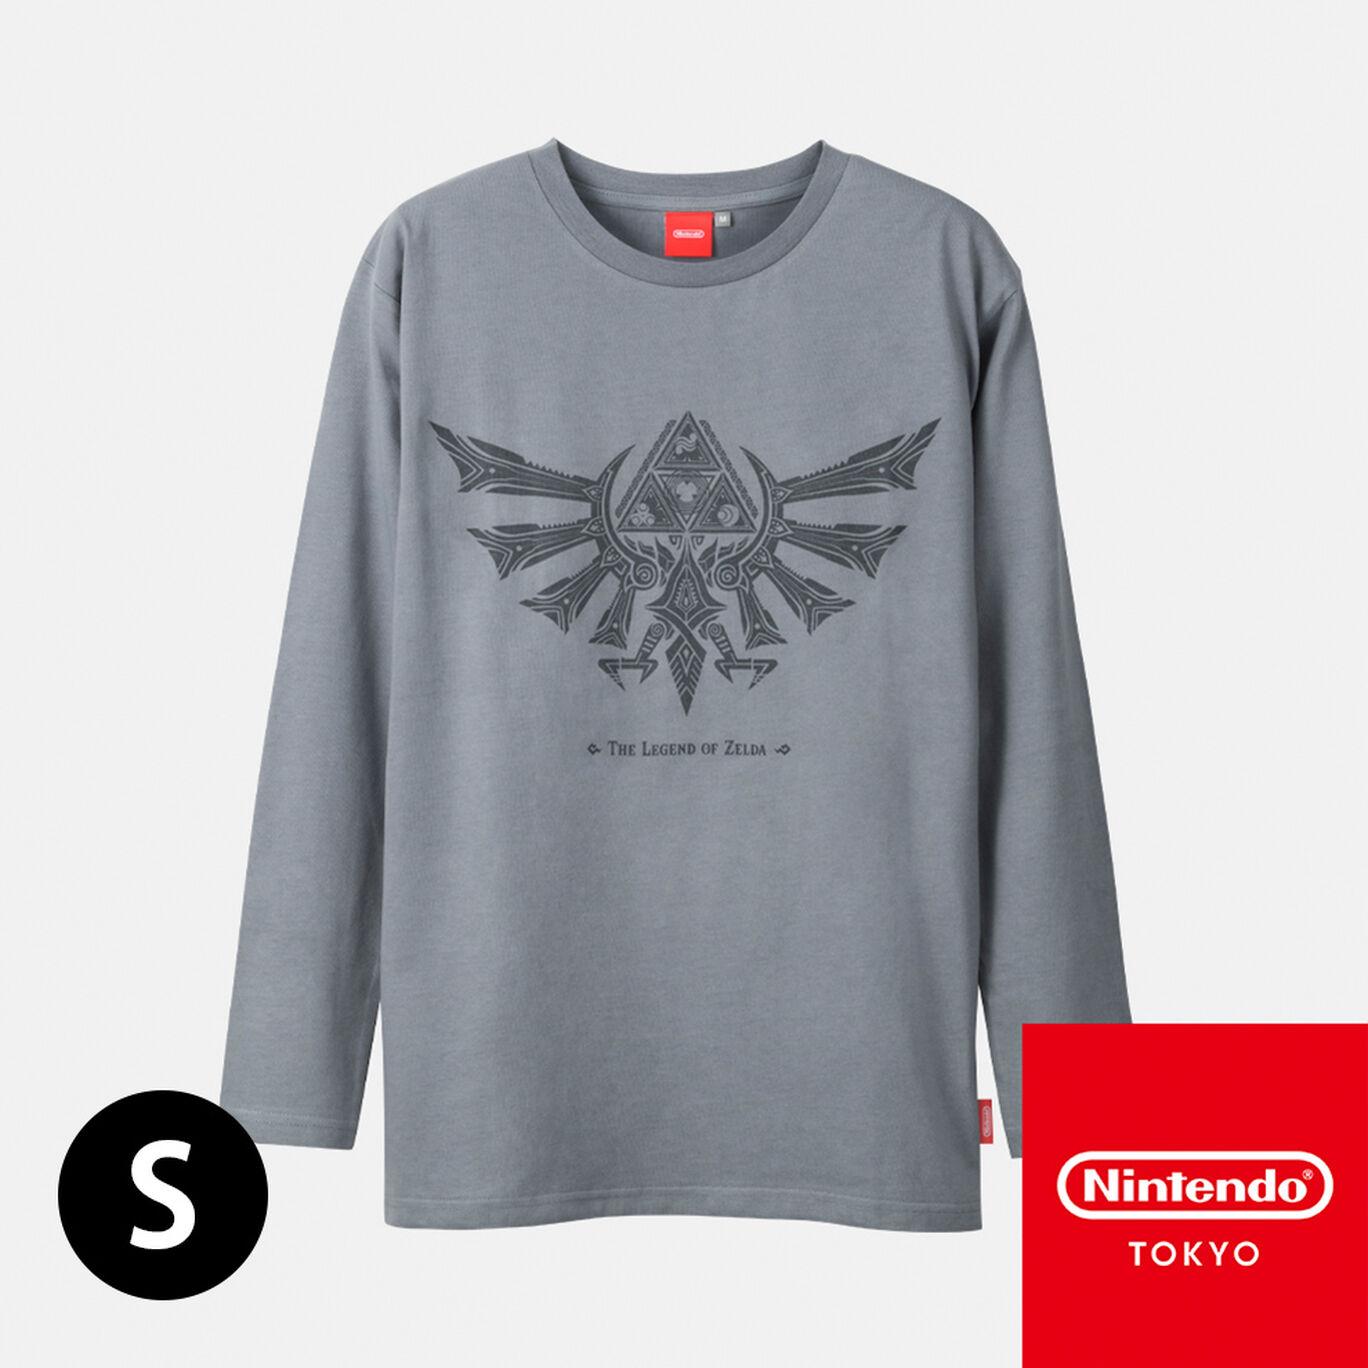 ロンT ゼルダの伝説 S【Nintendo TOKYO取り扱い商品】